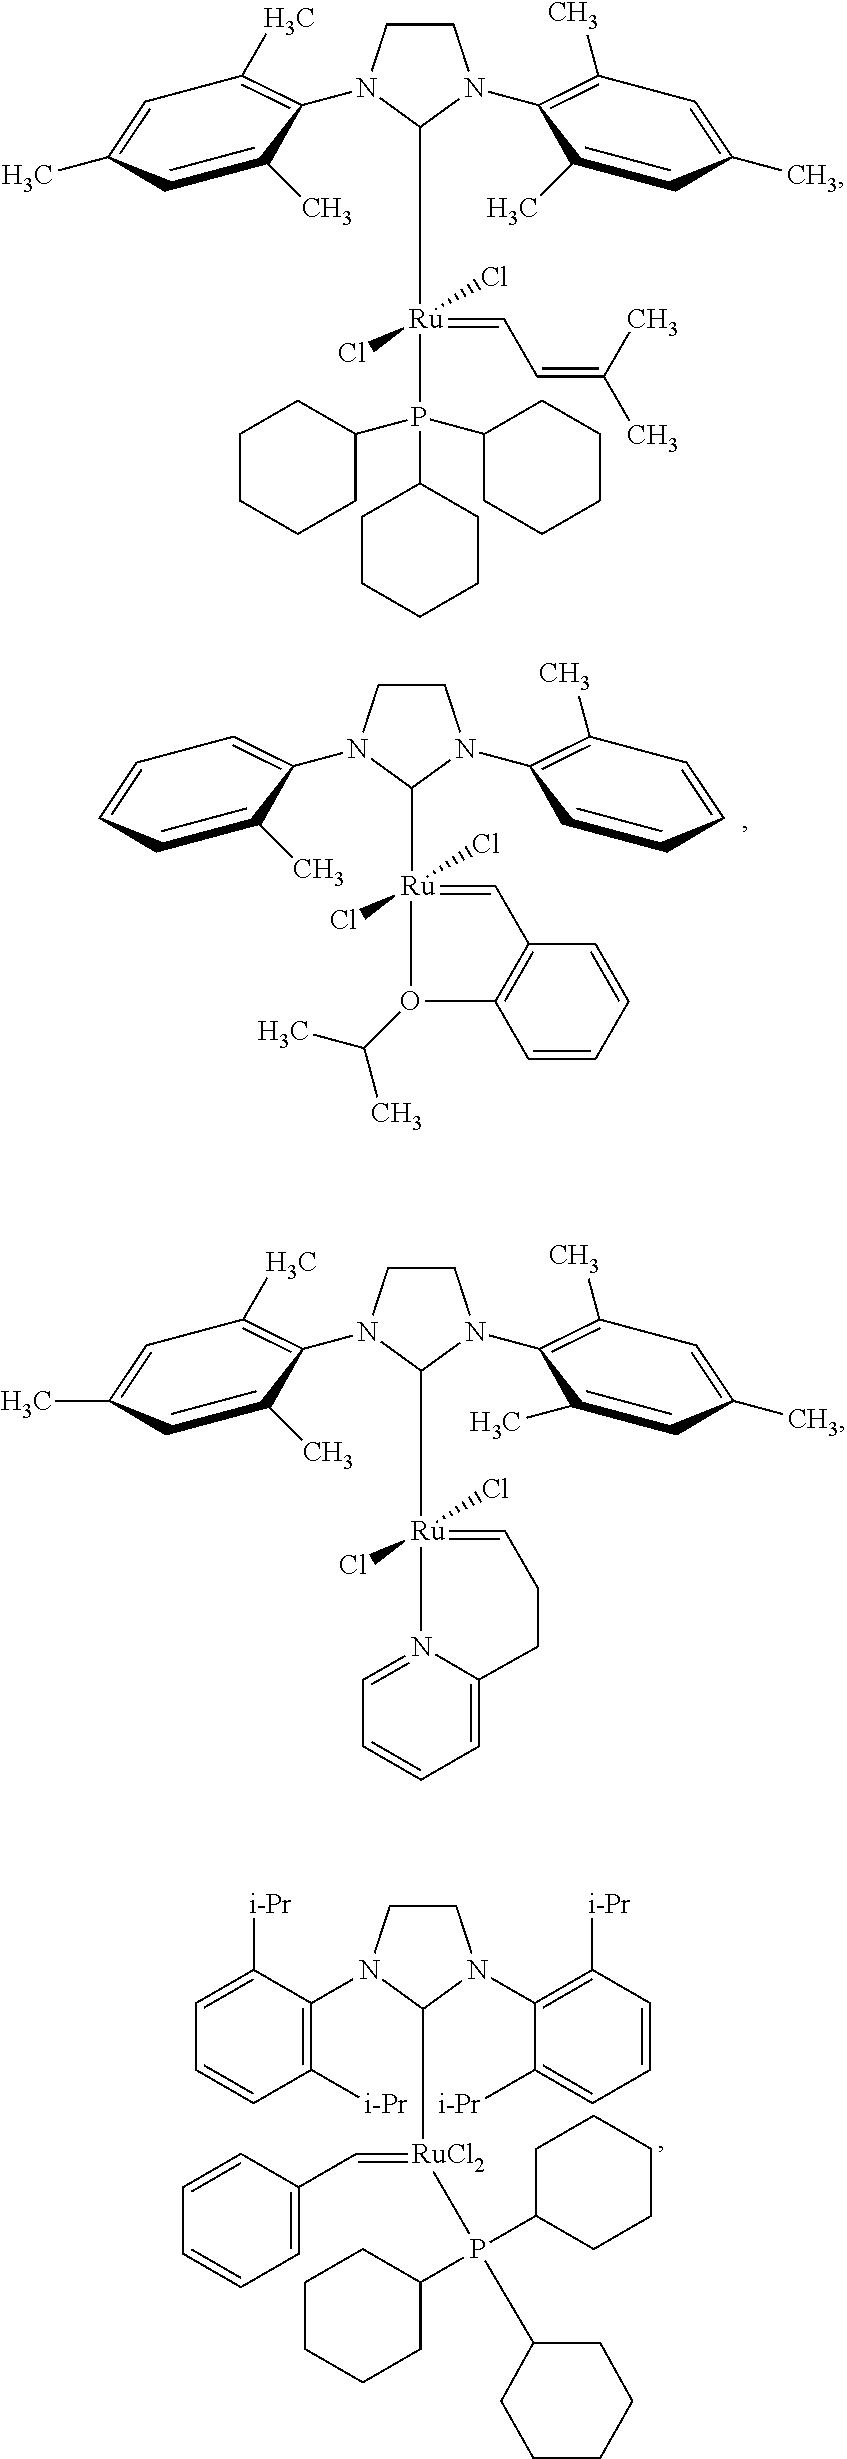 Figure US09592477-20170314-C00016